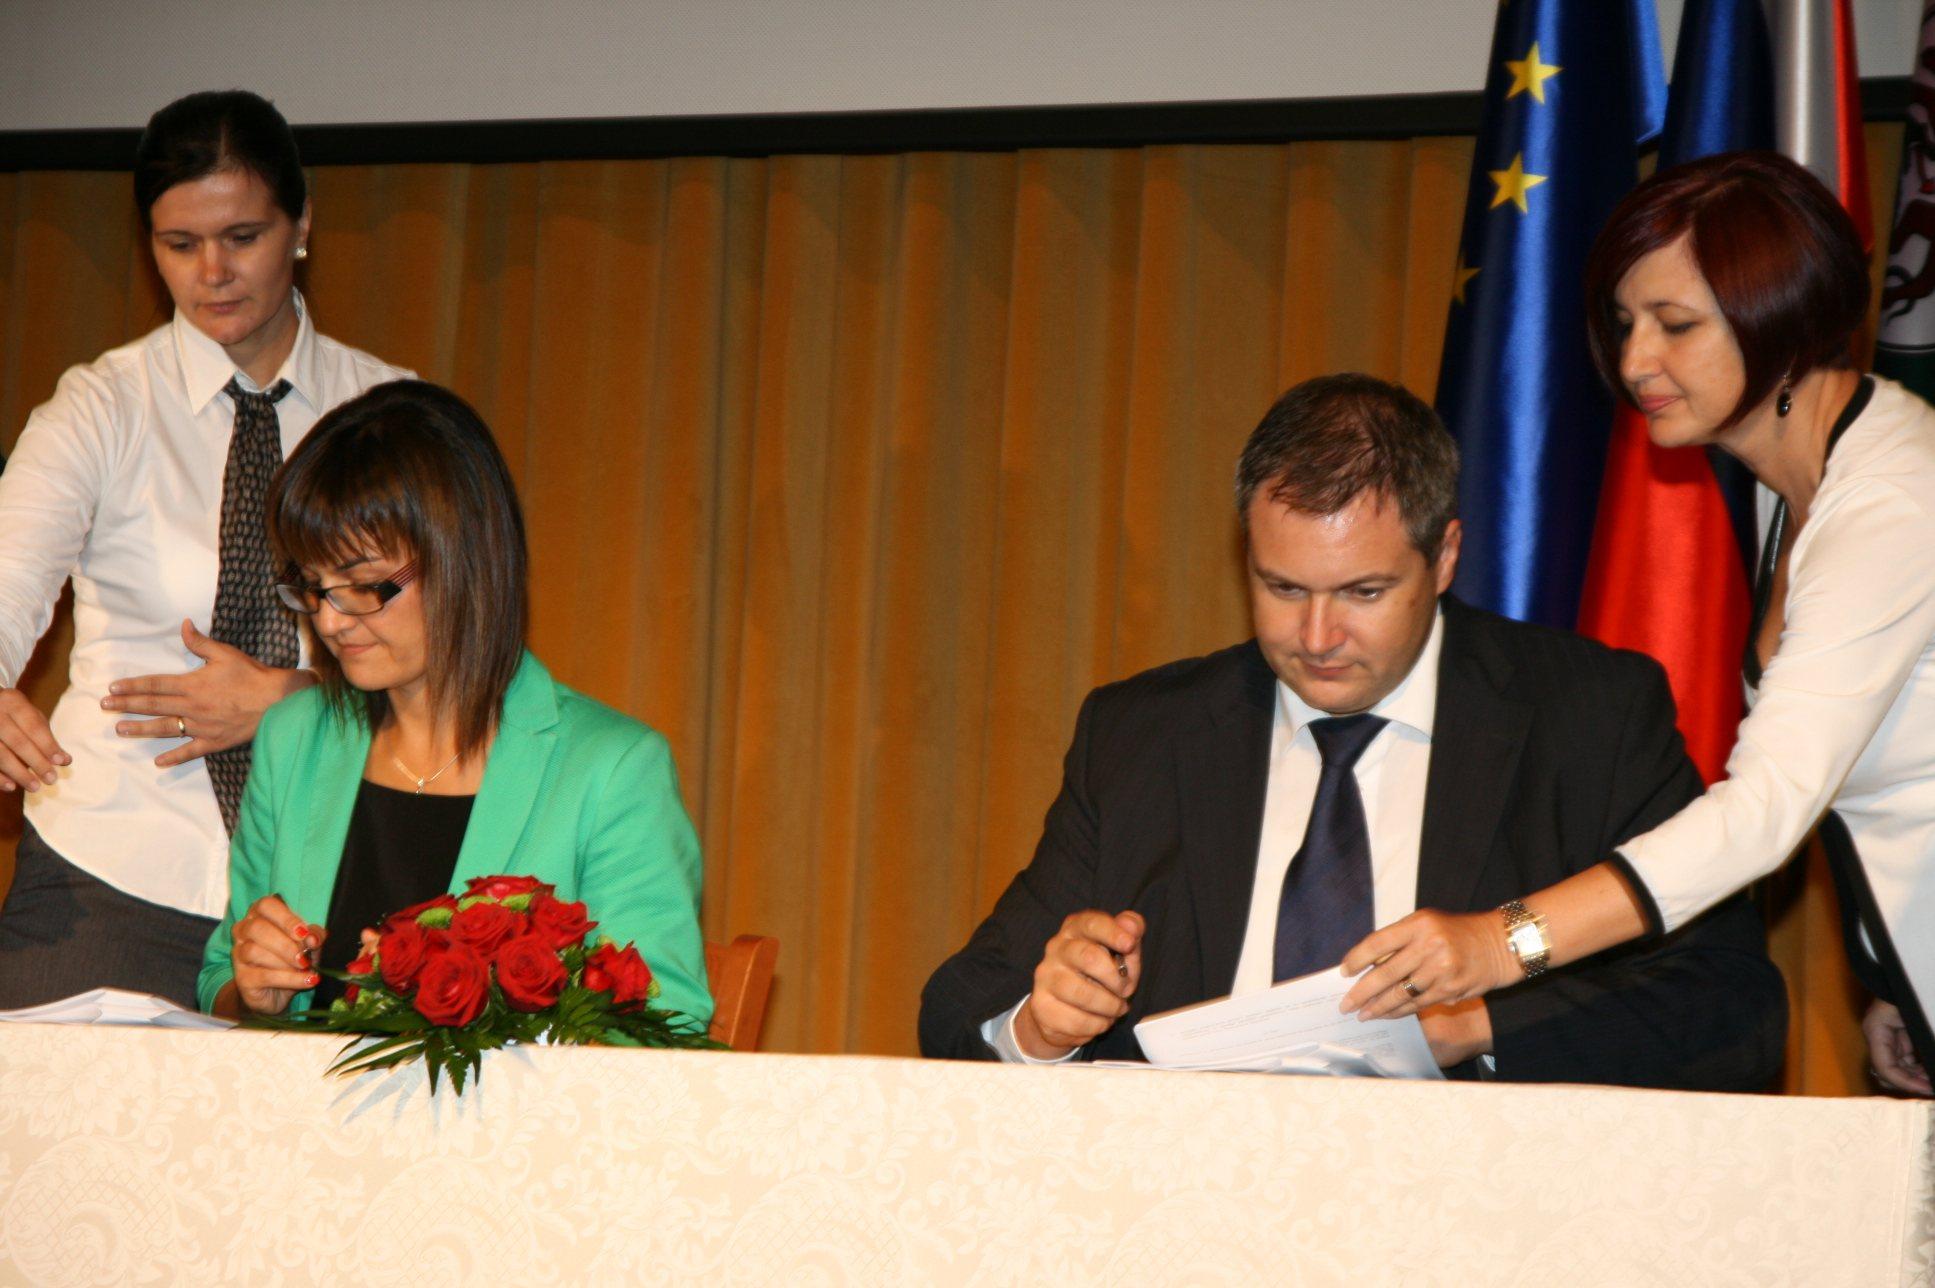 Kmetijski minister Dejan Židan je za sistem C sofinancerske pogodbe podpisal z ljutomersko županjo Olgo Karba, koordinatorico sistema C.